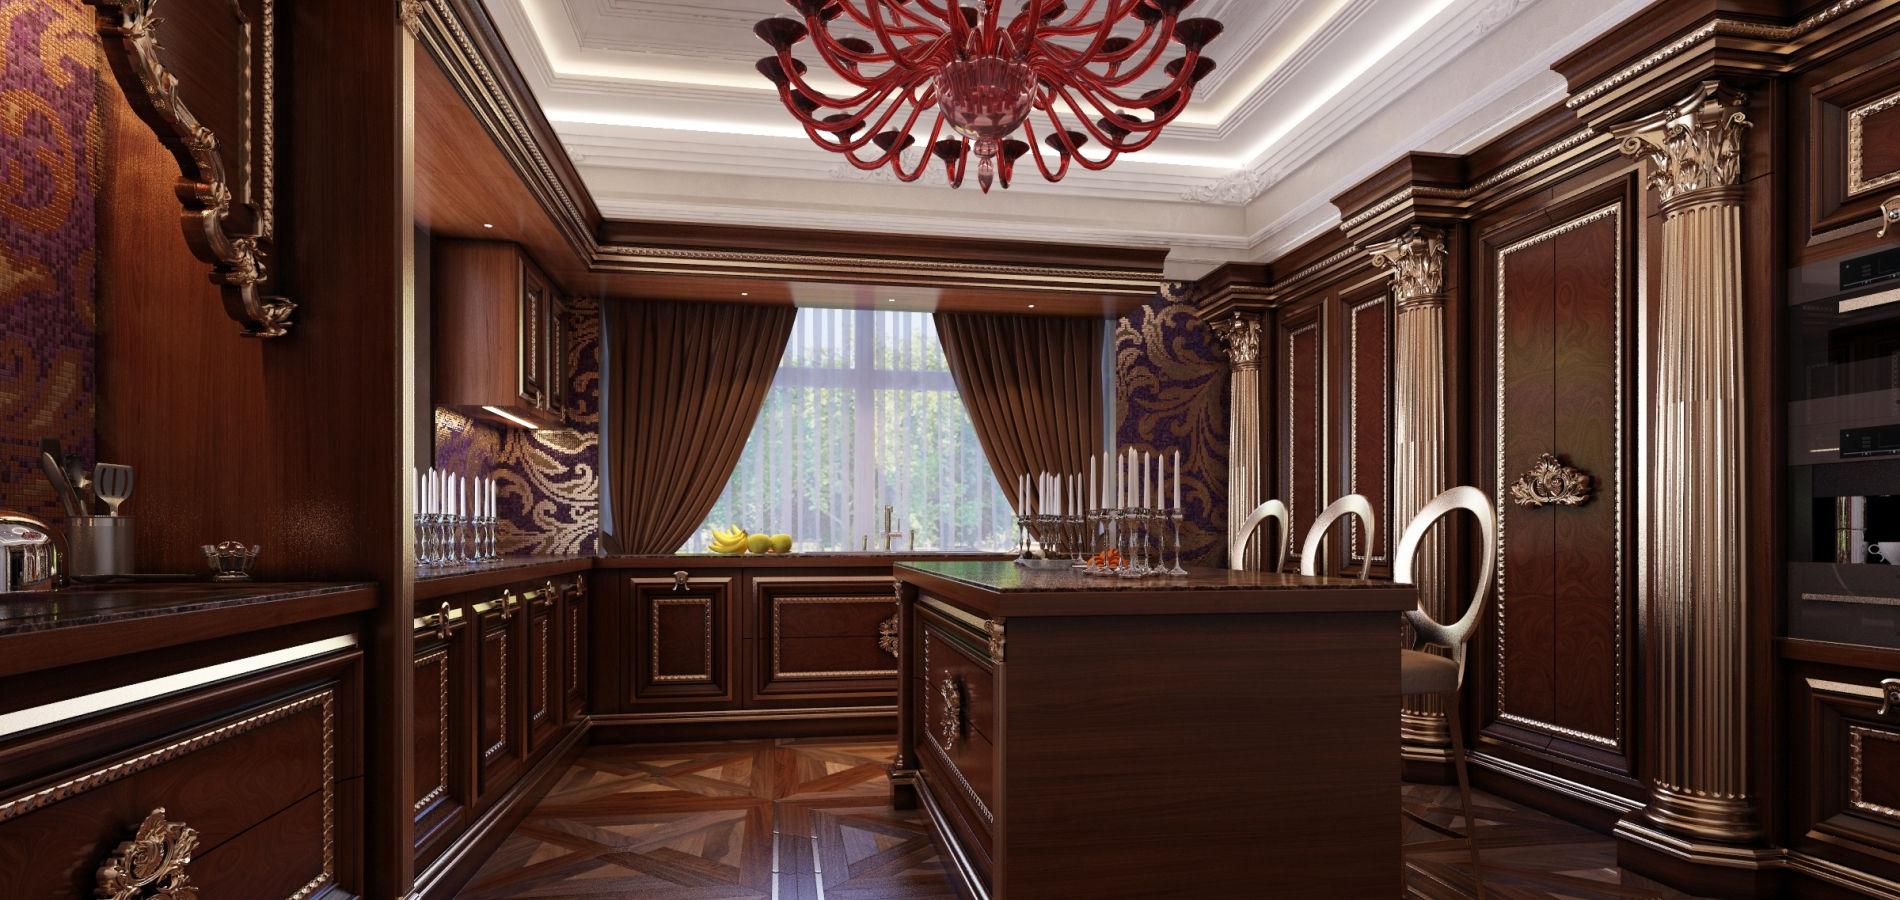 розкішна кухня з колонами в темному кольорі K_110